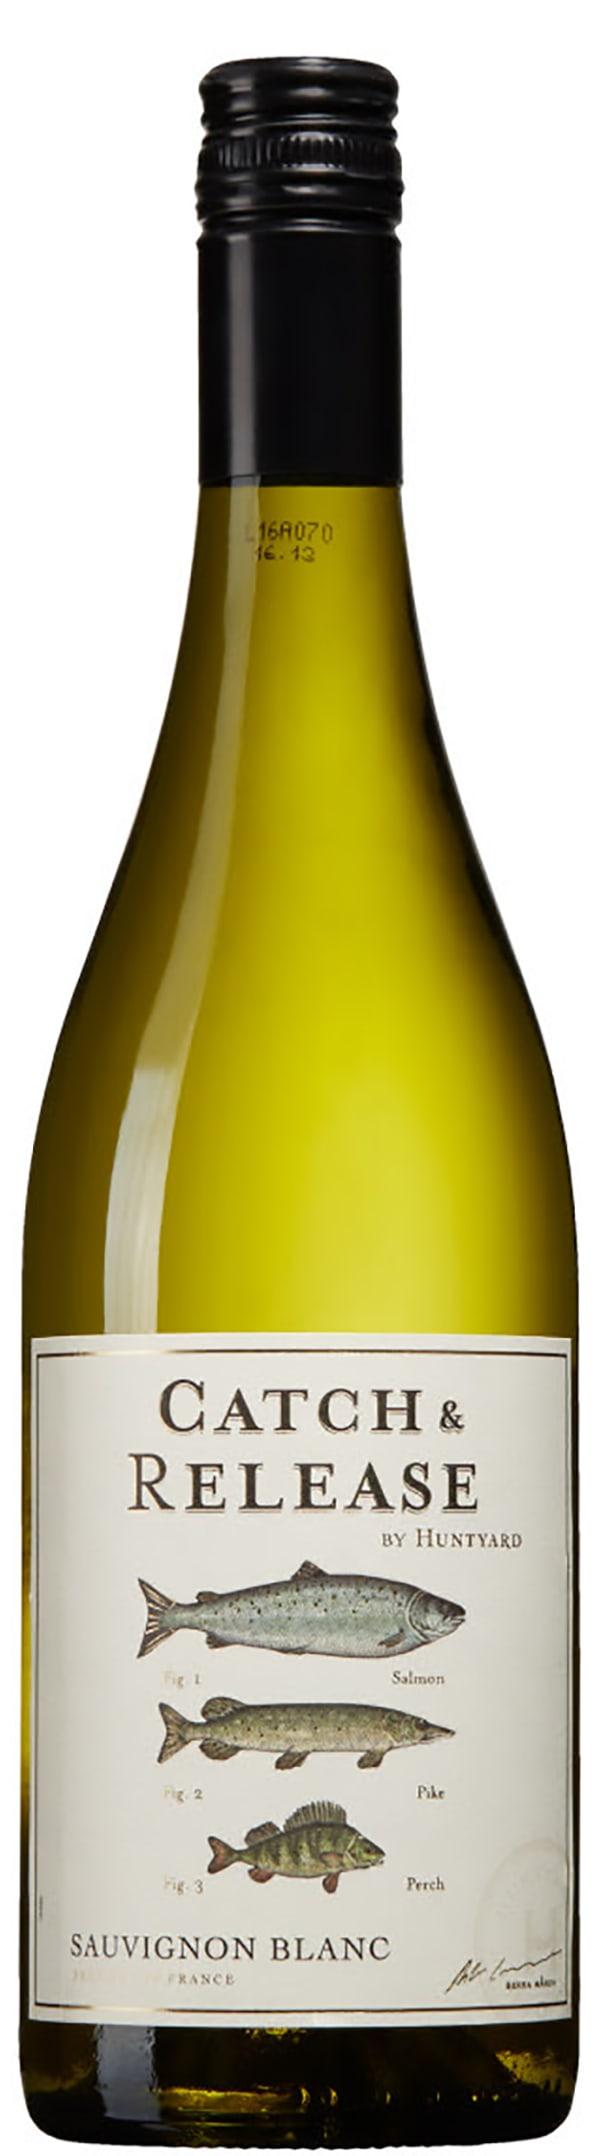 Catch & Release Sauvignon Blanc 2018